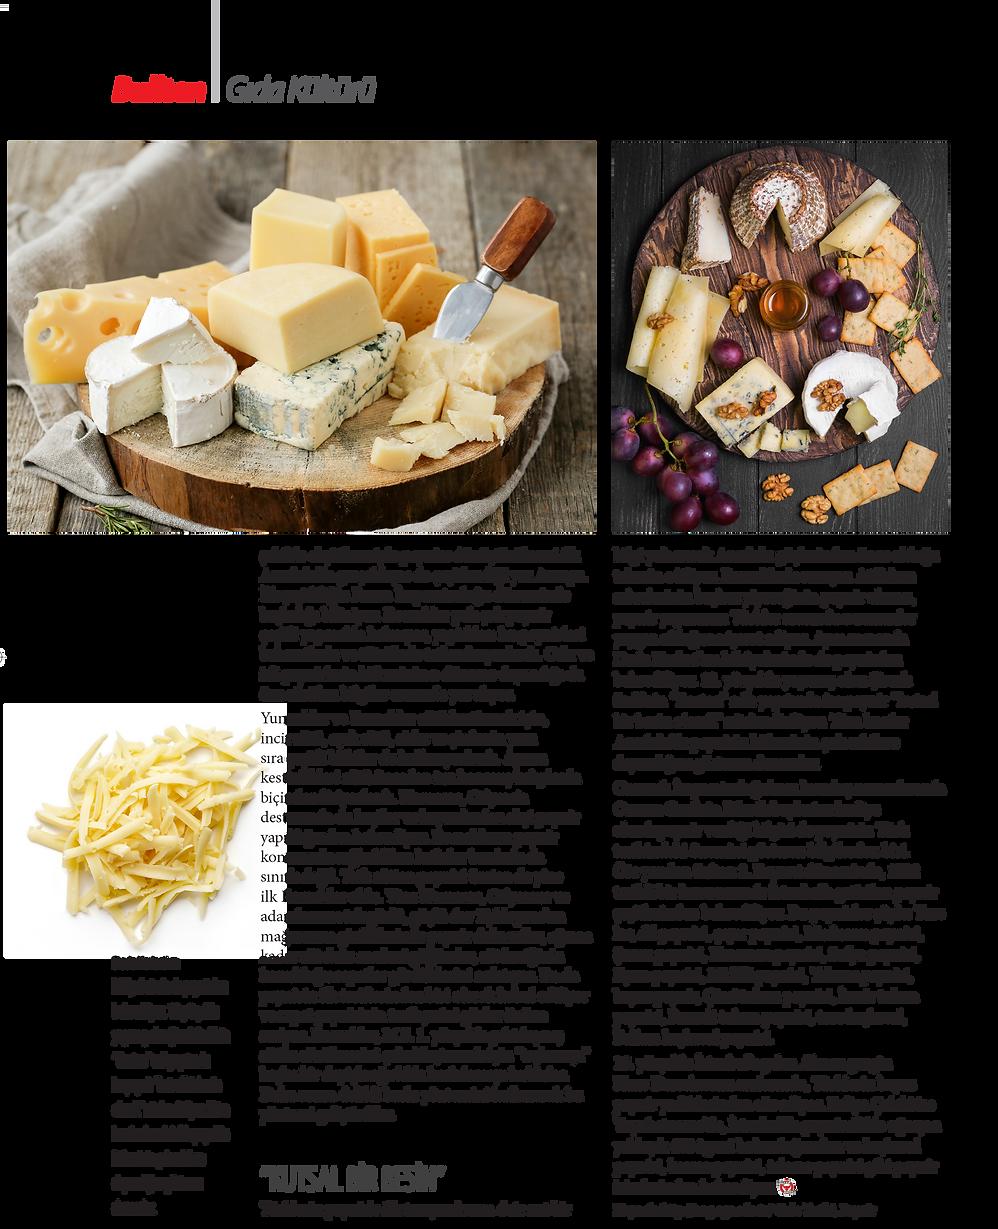 peynir-03.png